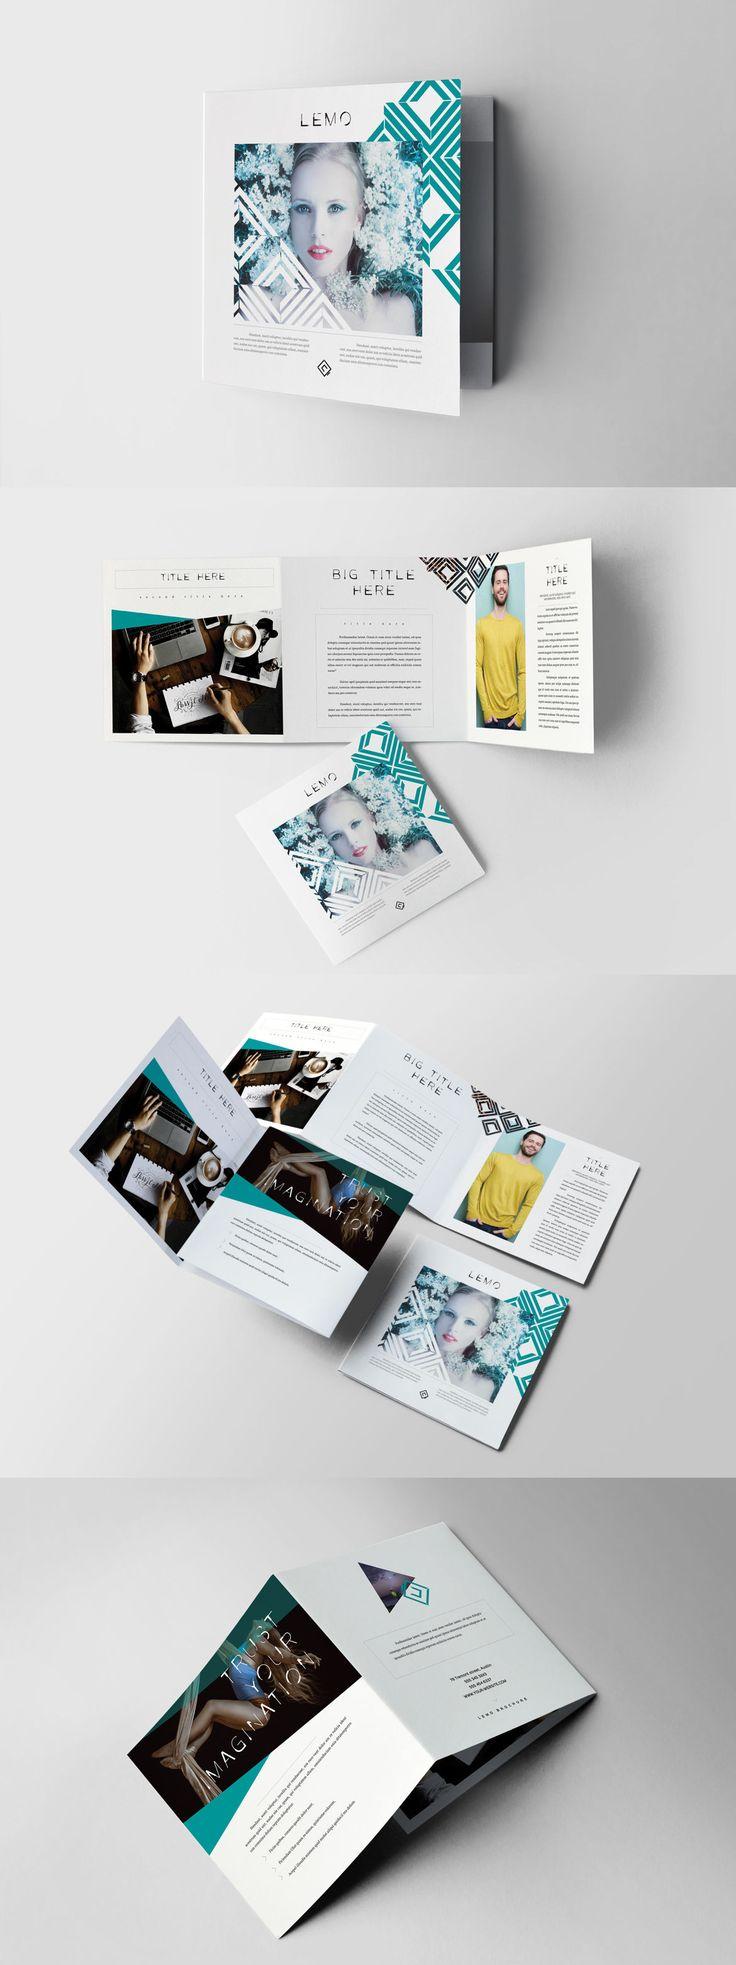 square trifold brochure template indesign indd brochure templates pinterest. Black Bedroom Furniture Sets. Home Design Ideas